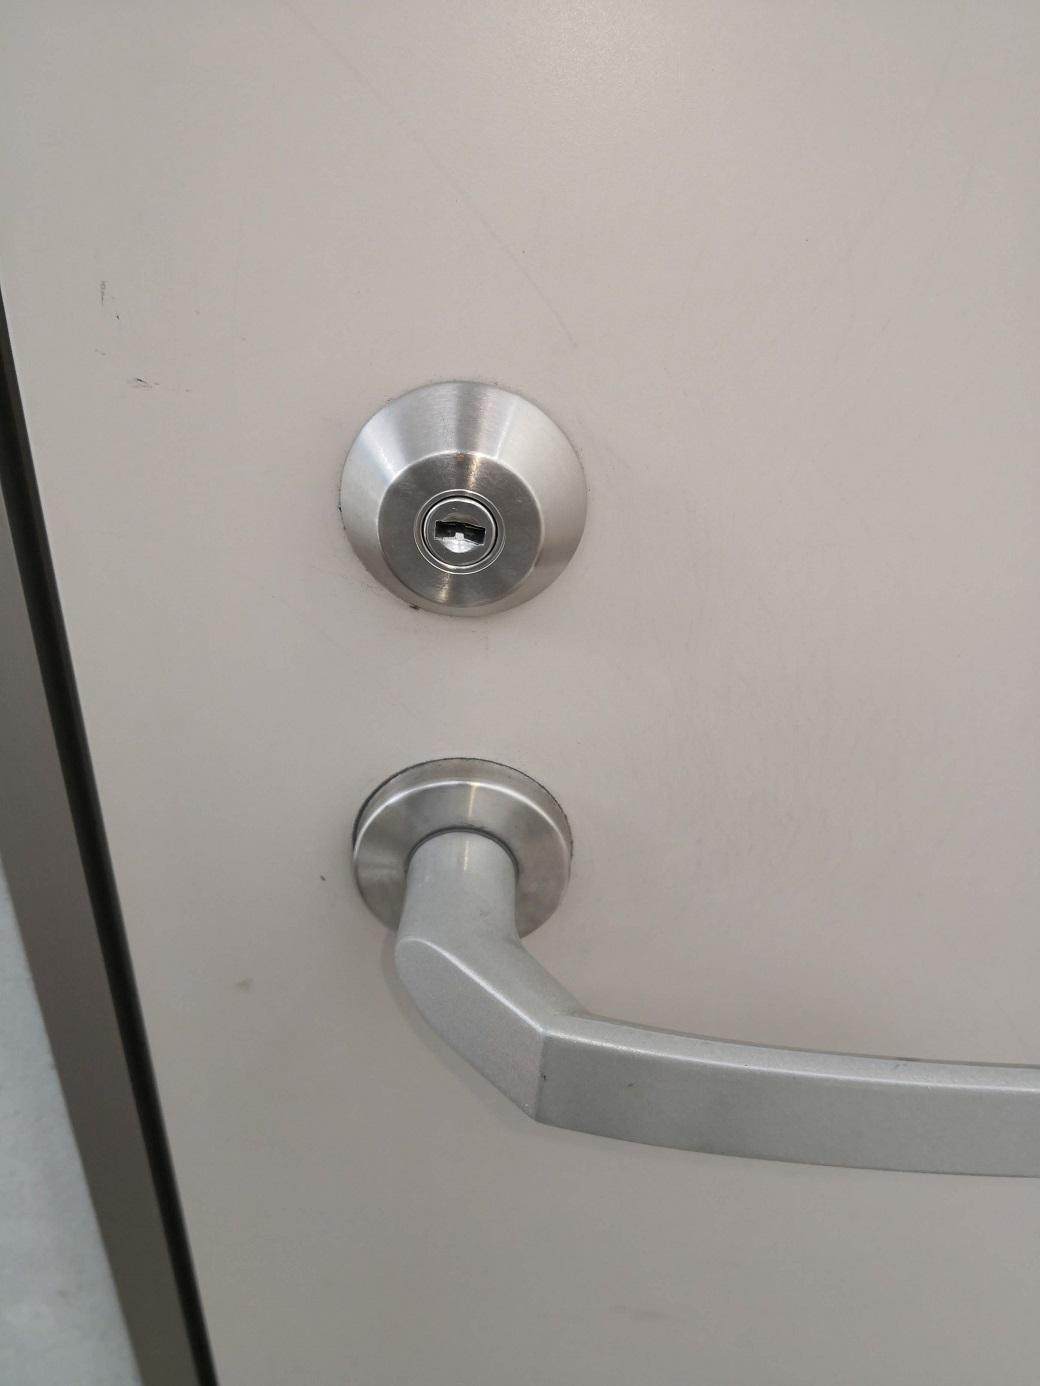 主錠のシリンダー。正規の位置ではない横向きになっています。